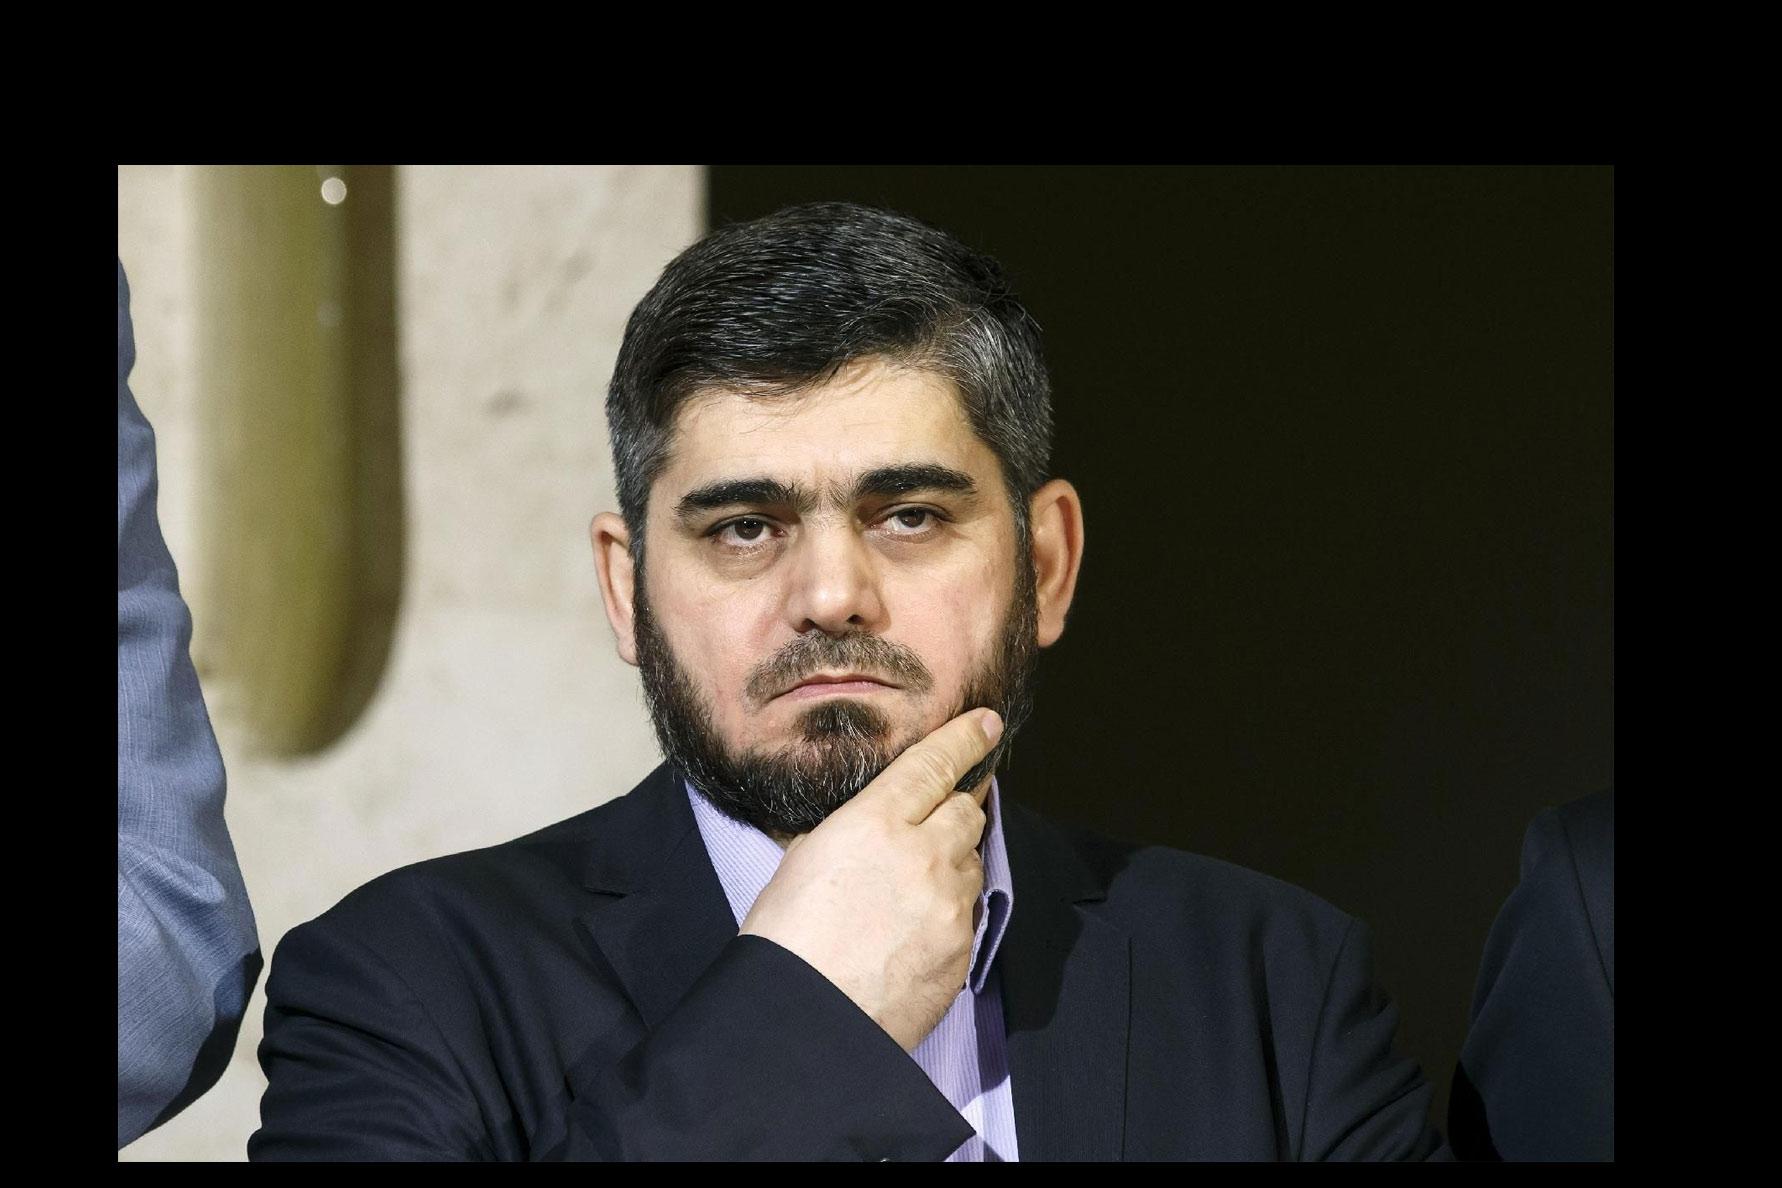 La renuncia del líder del grupo islamista radical Yaish al Islam aleja la posibilidad de una pronta paz